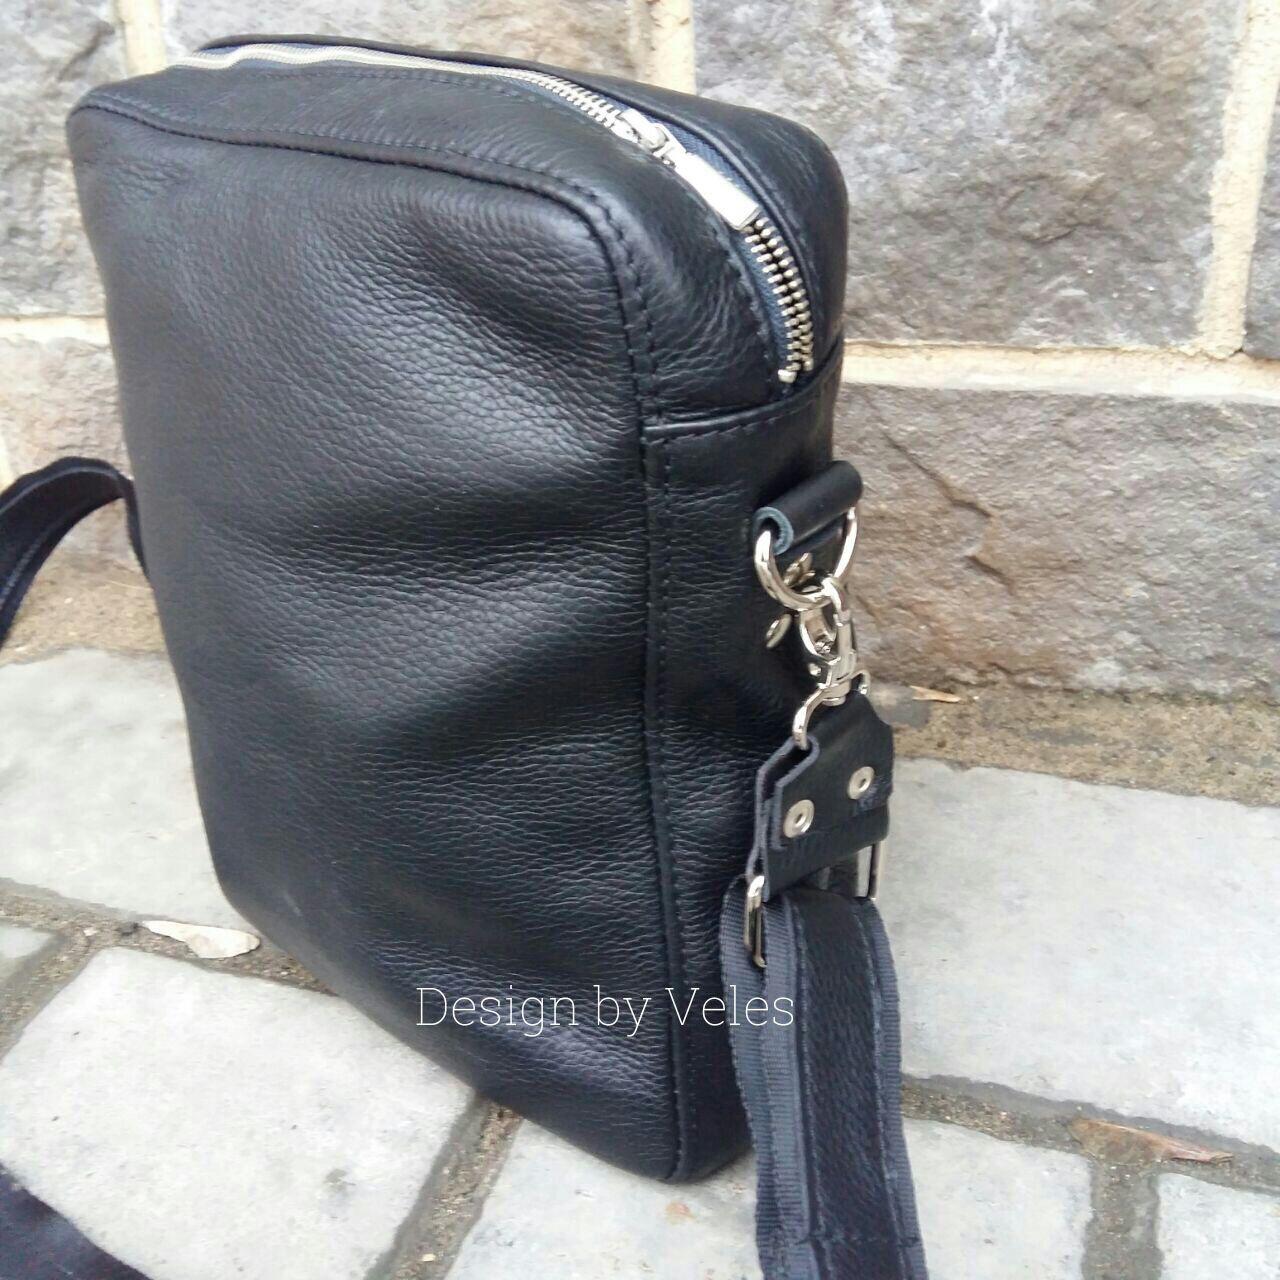 bdc16da40789 Мужские сумки ручной работы. Ярмарка Мастеров - ручная работа. Купить  Мужская сумка из натуральной ...